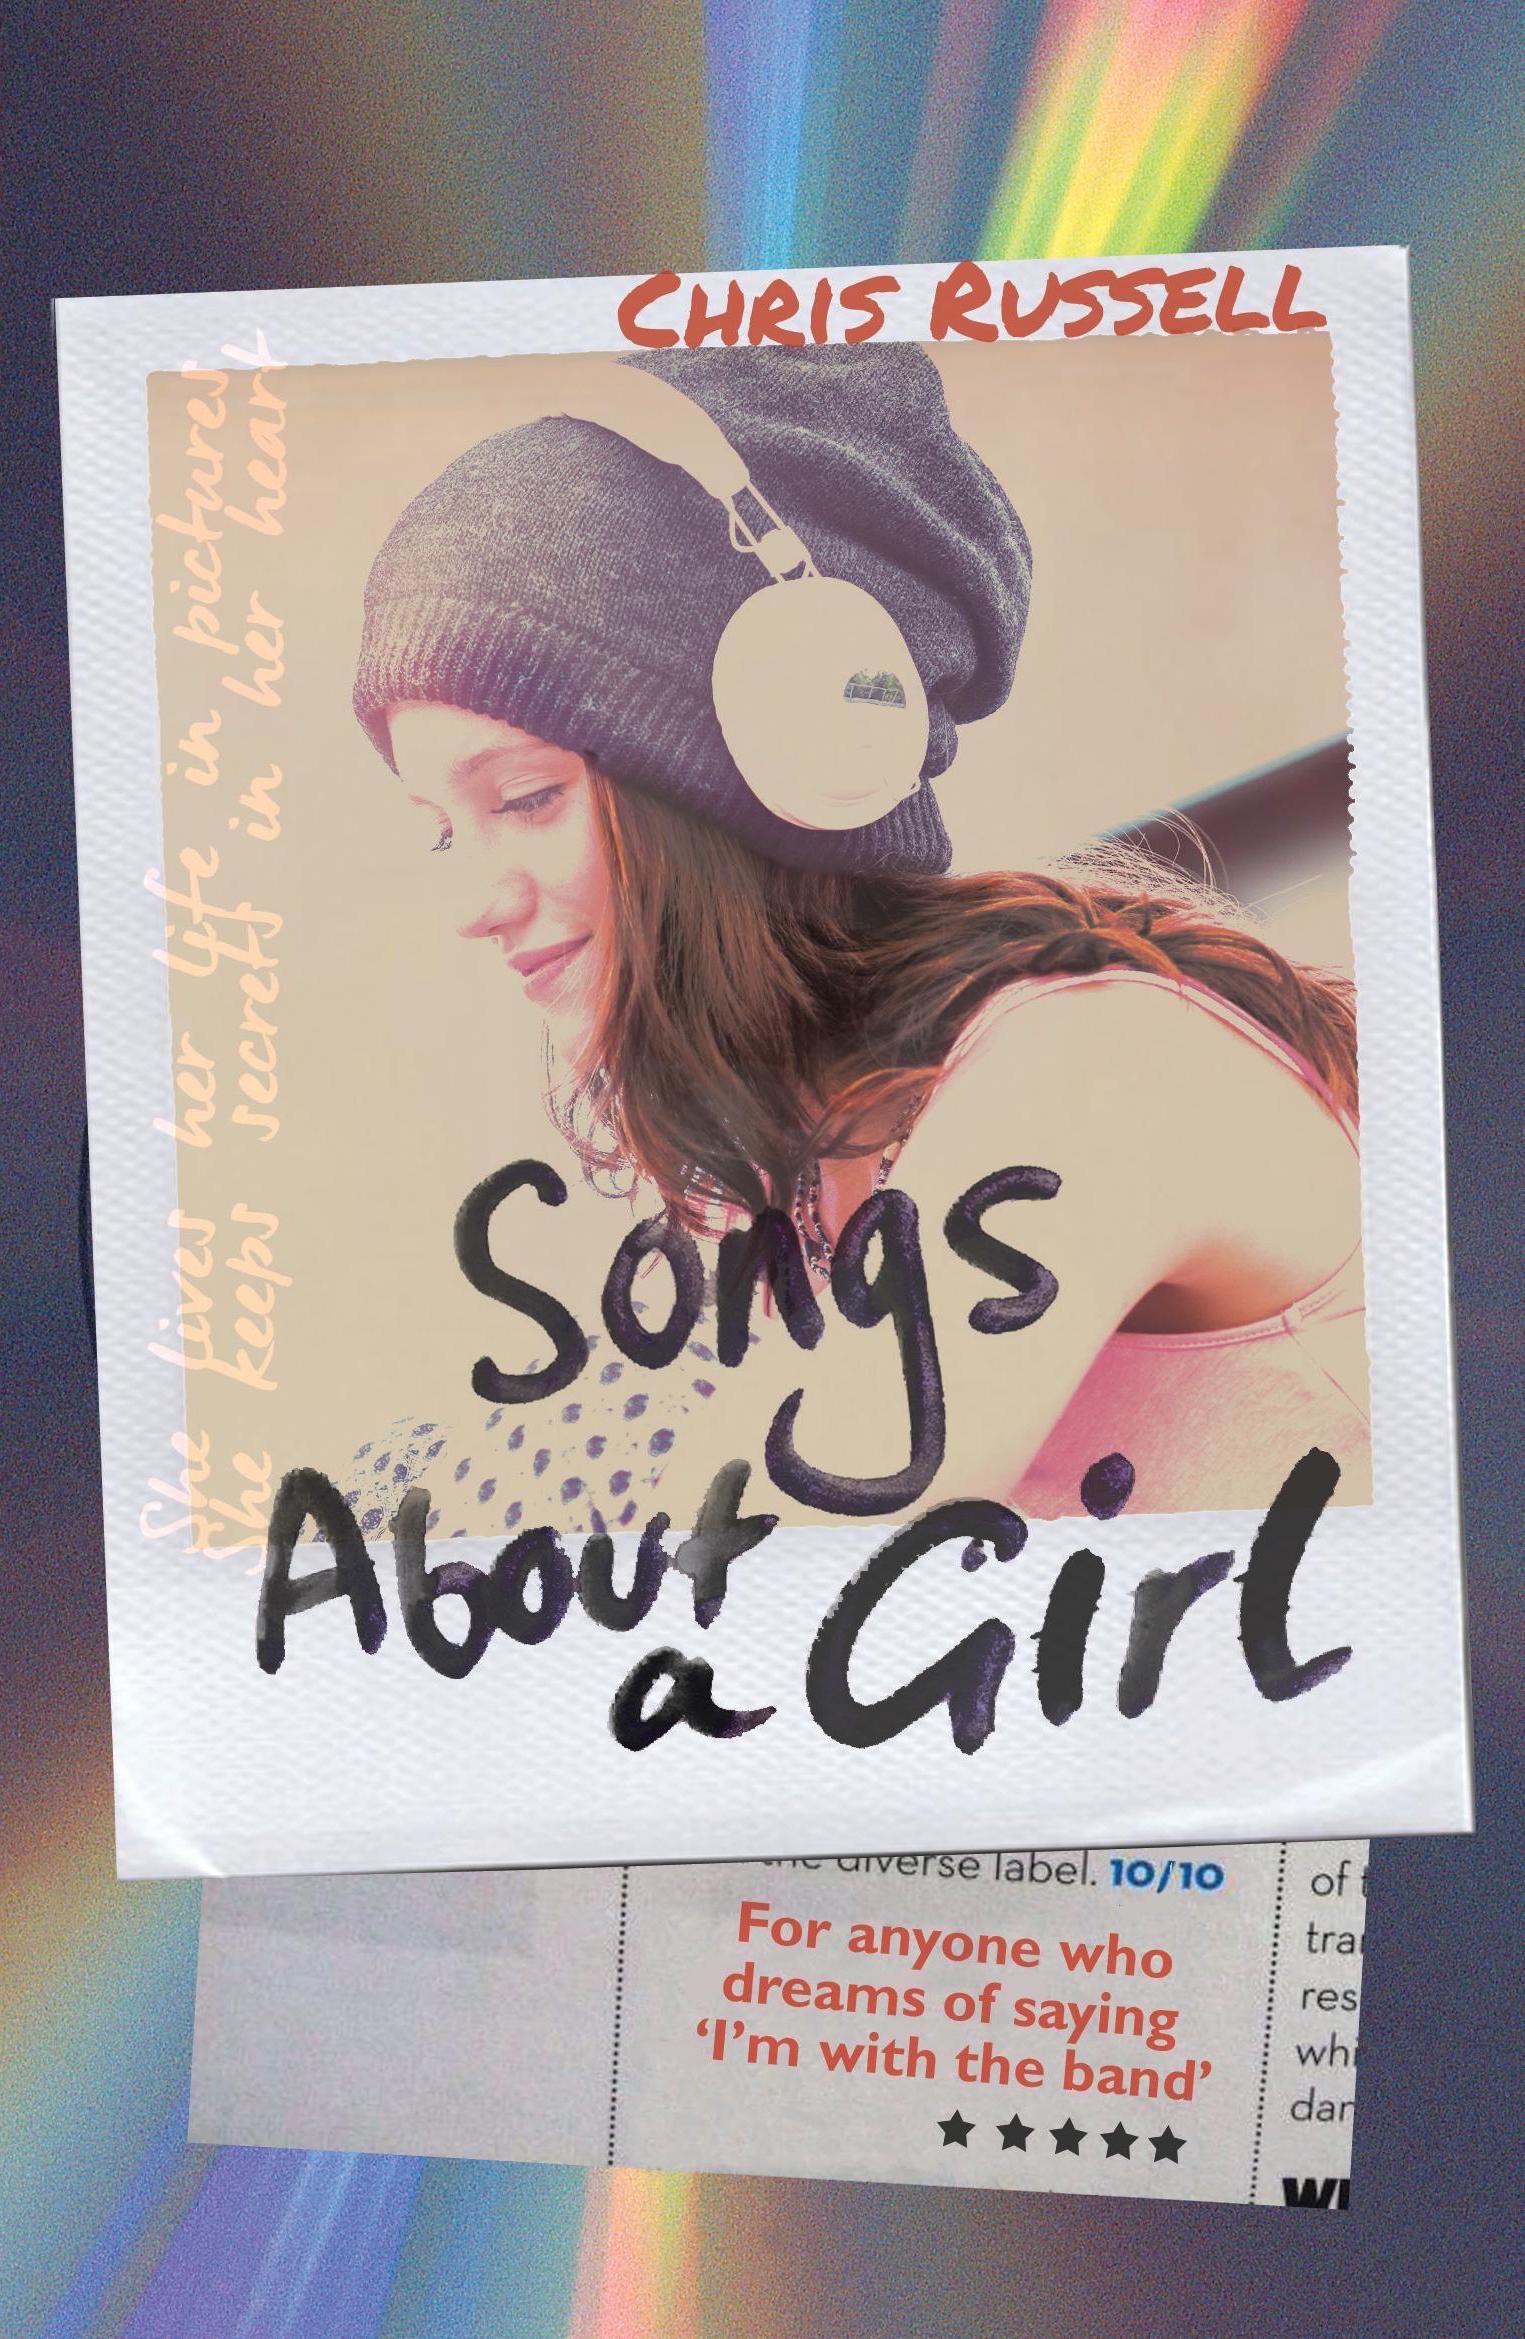 songsaboutagirlcvr1